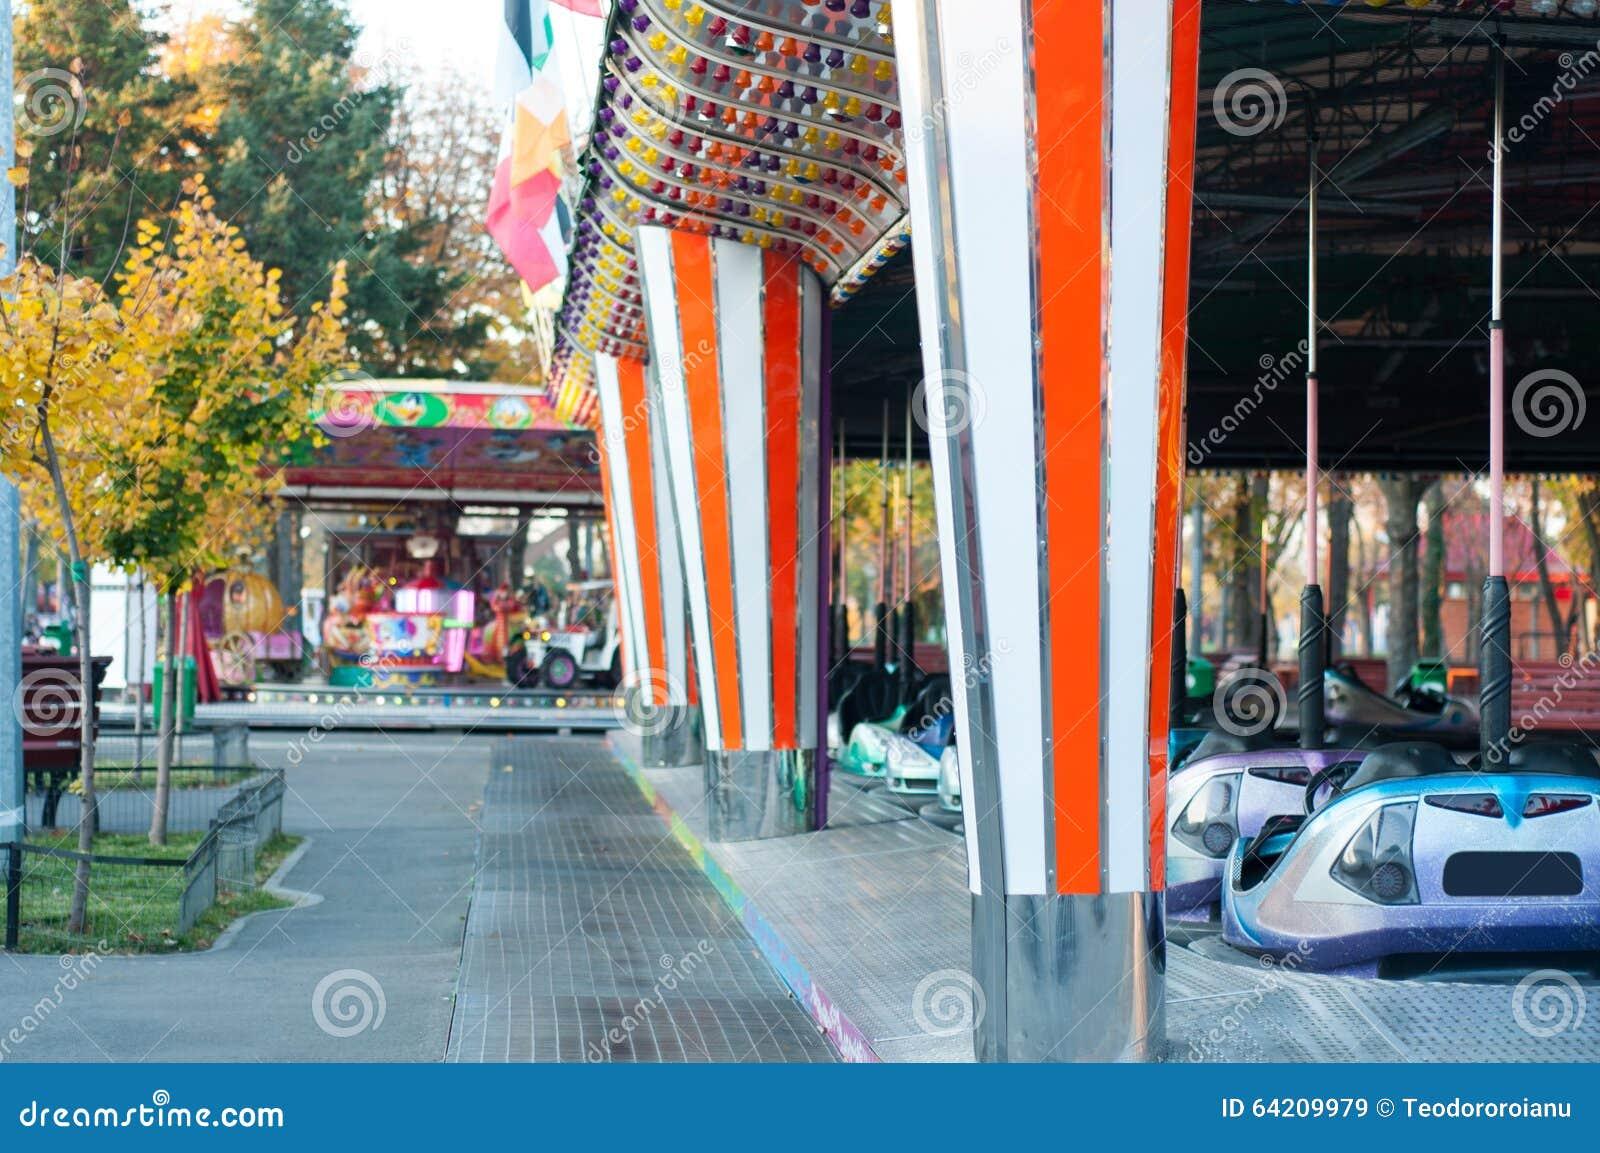 Paseos del parque de atracciones